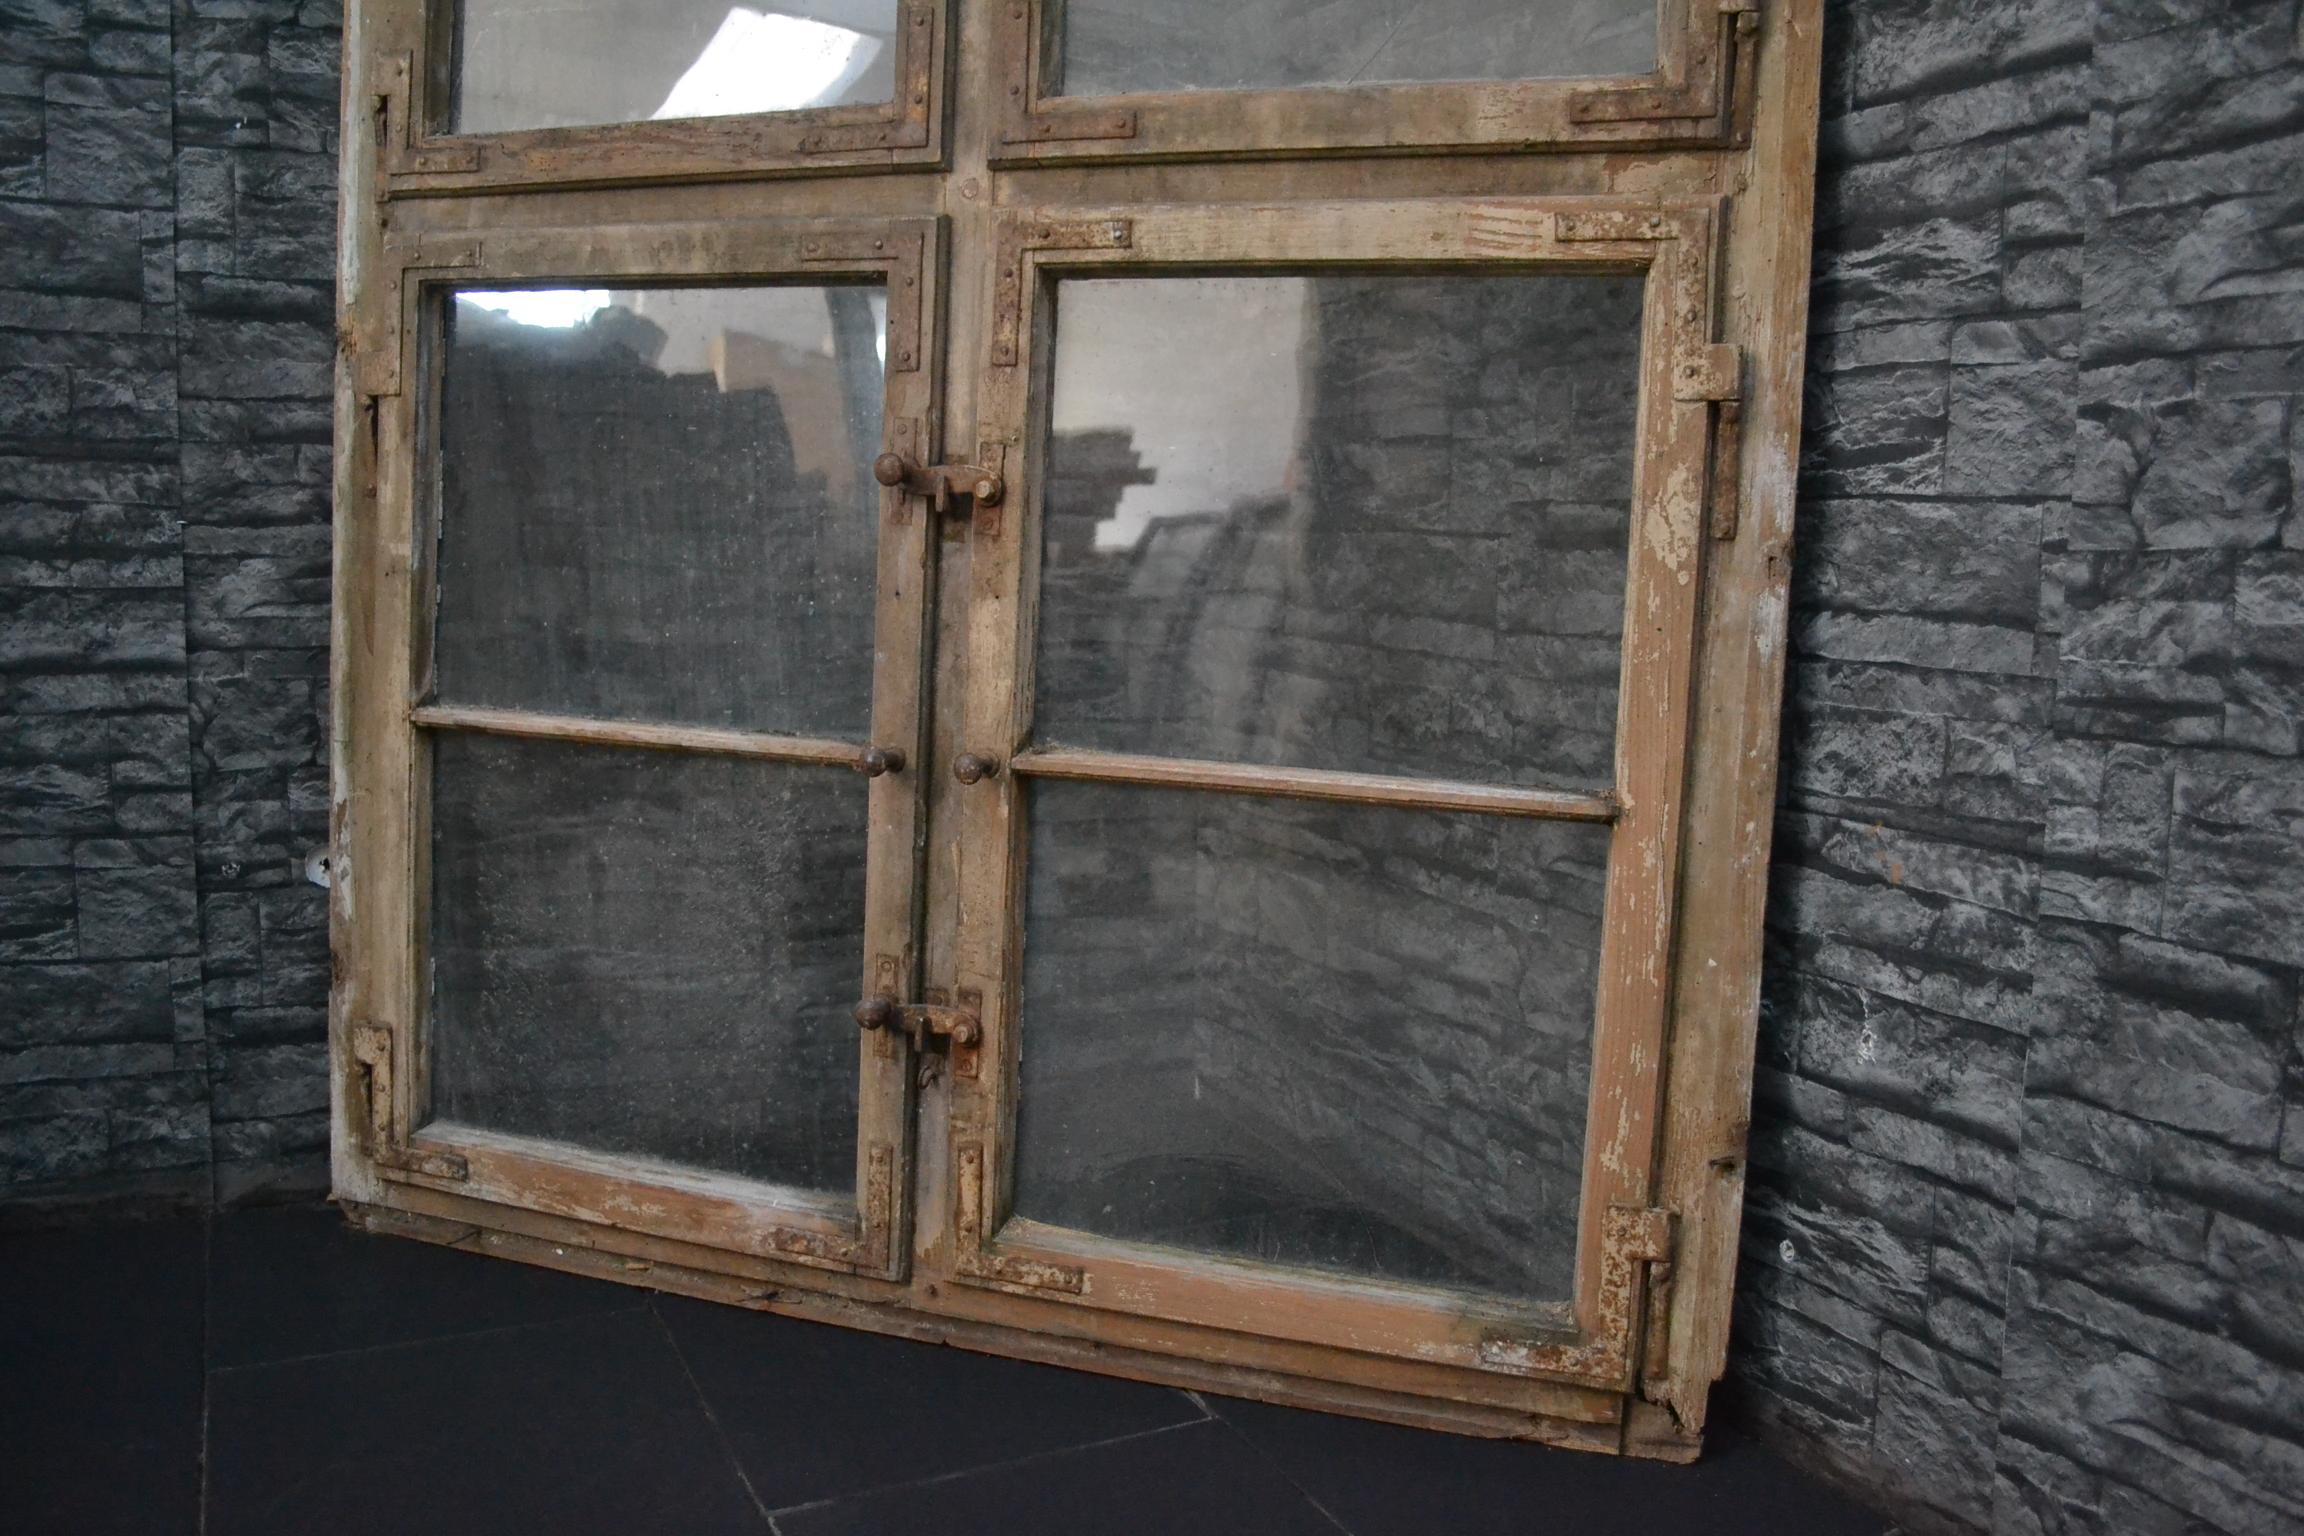 traumhaftes antikes holz fenster rahmen zweifl gel sprossenfenster top ebay. Black Bedroom Furniture Sets. Home Design Ideas